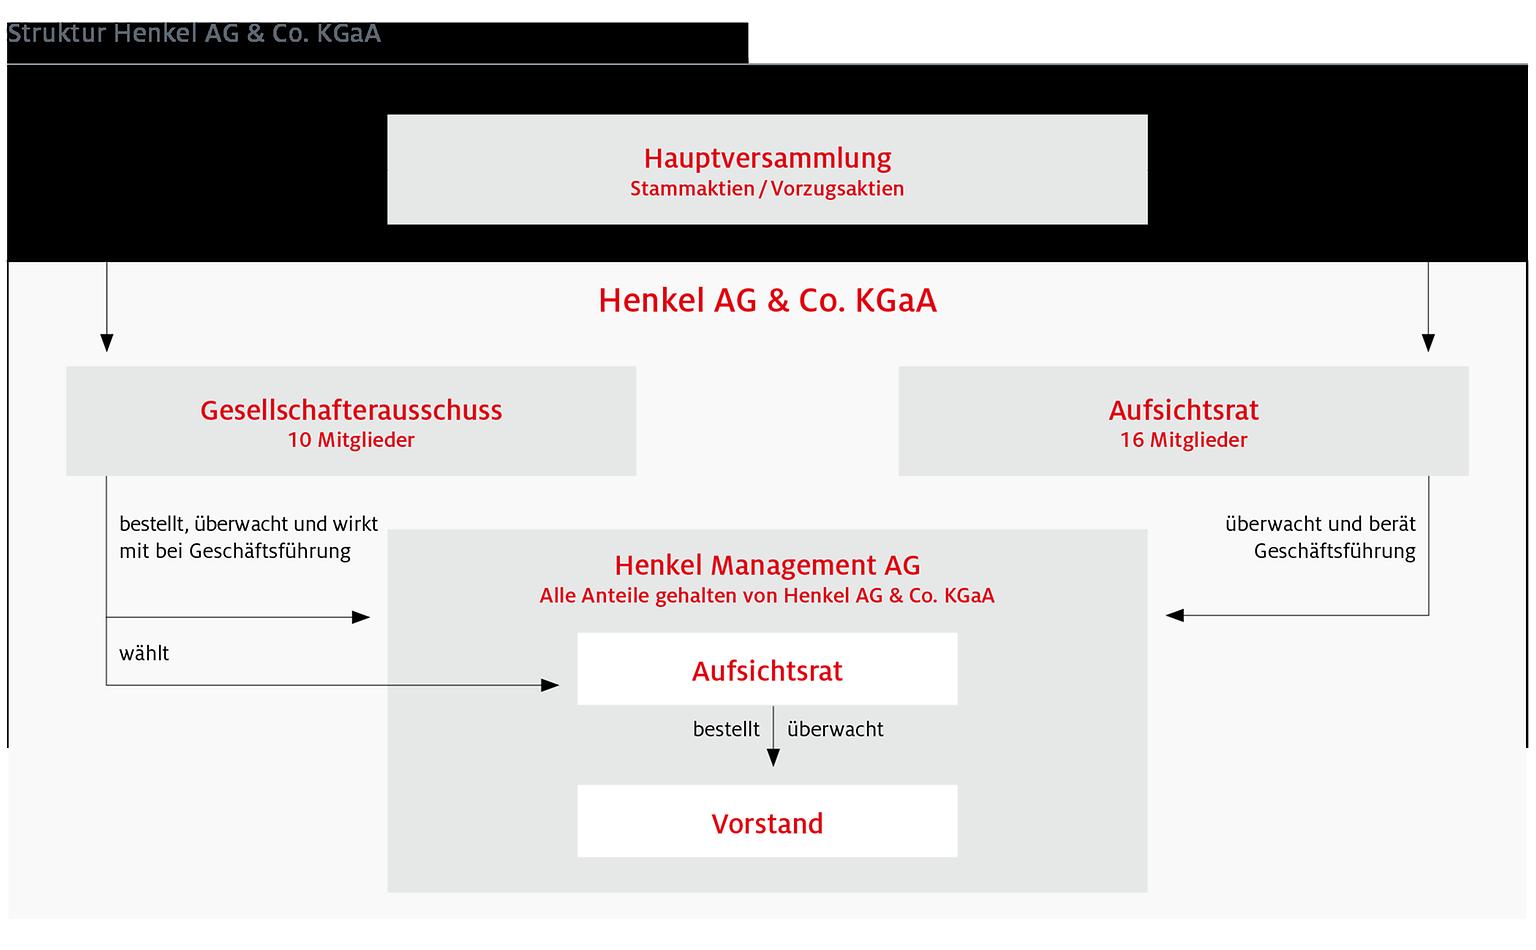 Struktur Henkel AG & Co. KGaA